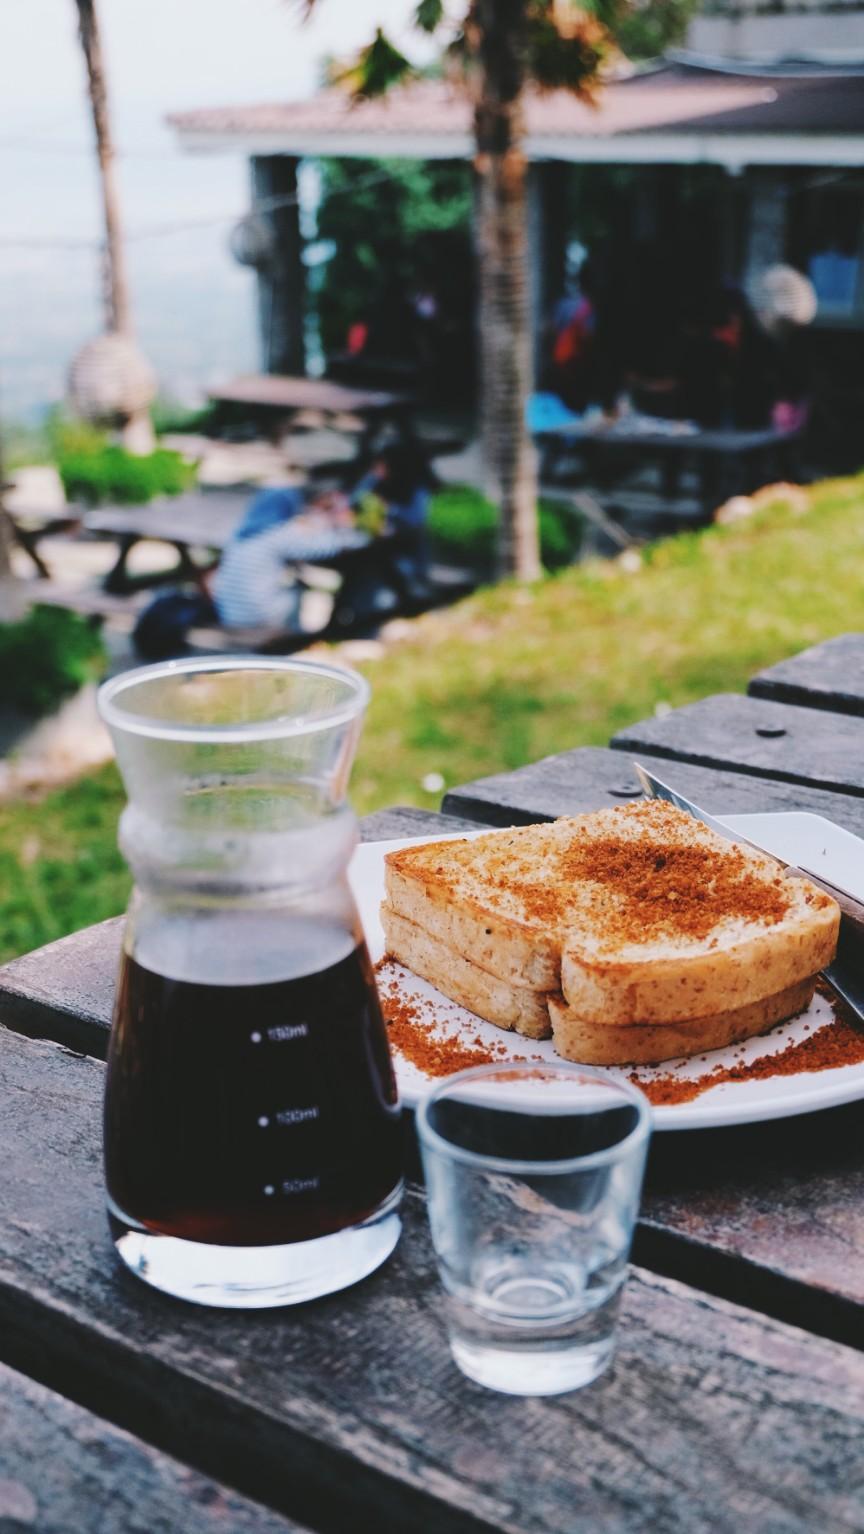 harga makanan di pondok kopi sidomukti